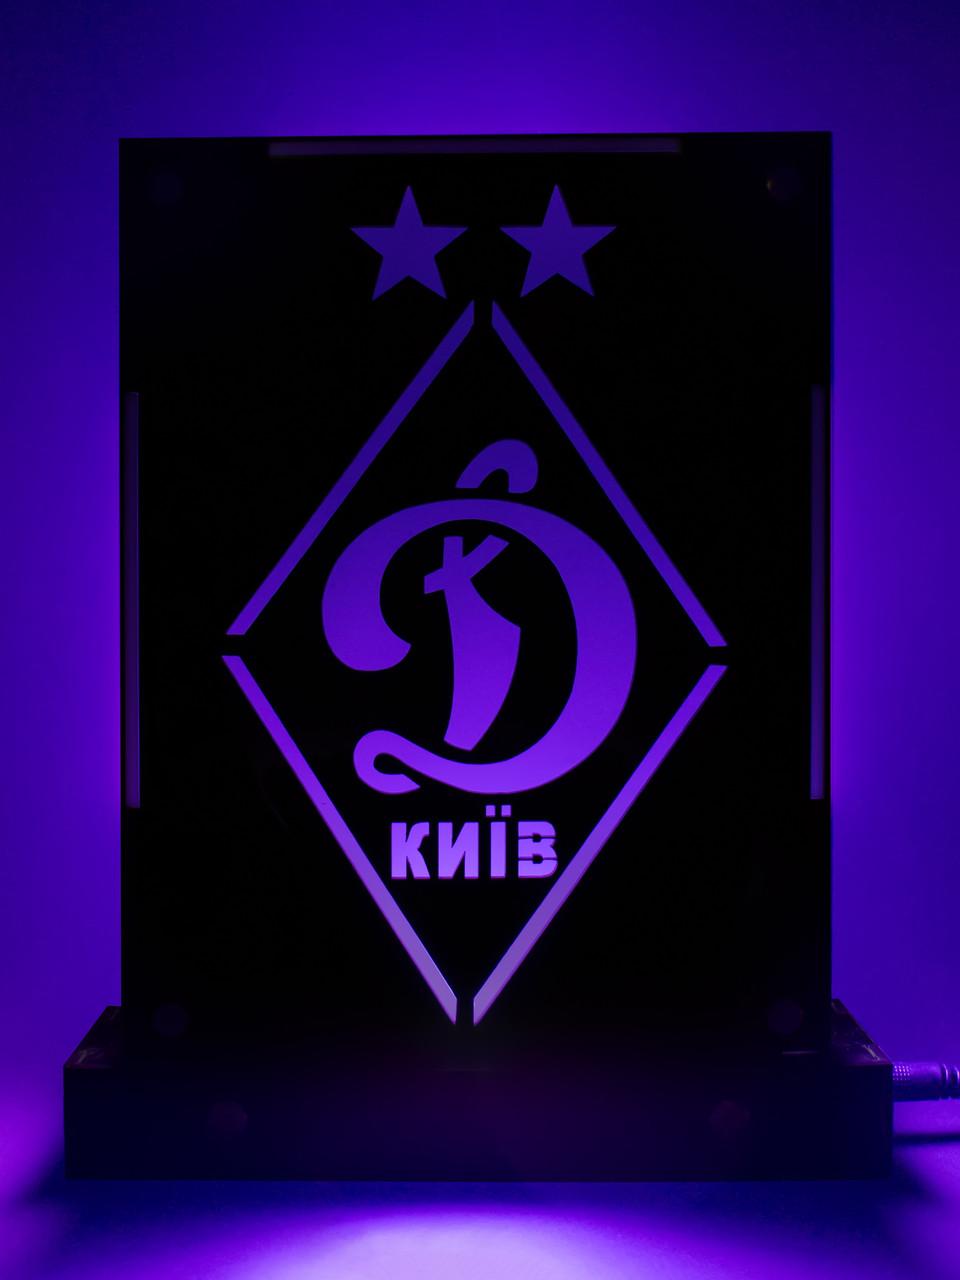 Декоративный настольный ночник Динамо Киев, теневой светильник, несколько подсветок (на пульте)